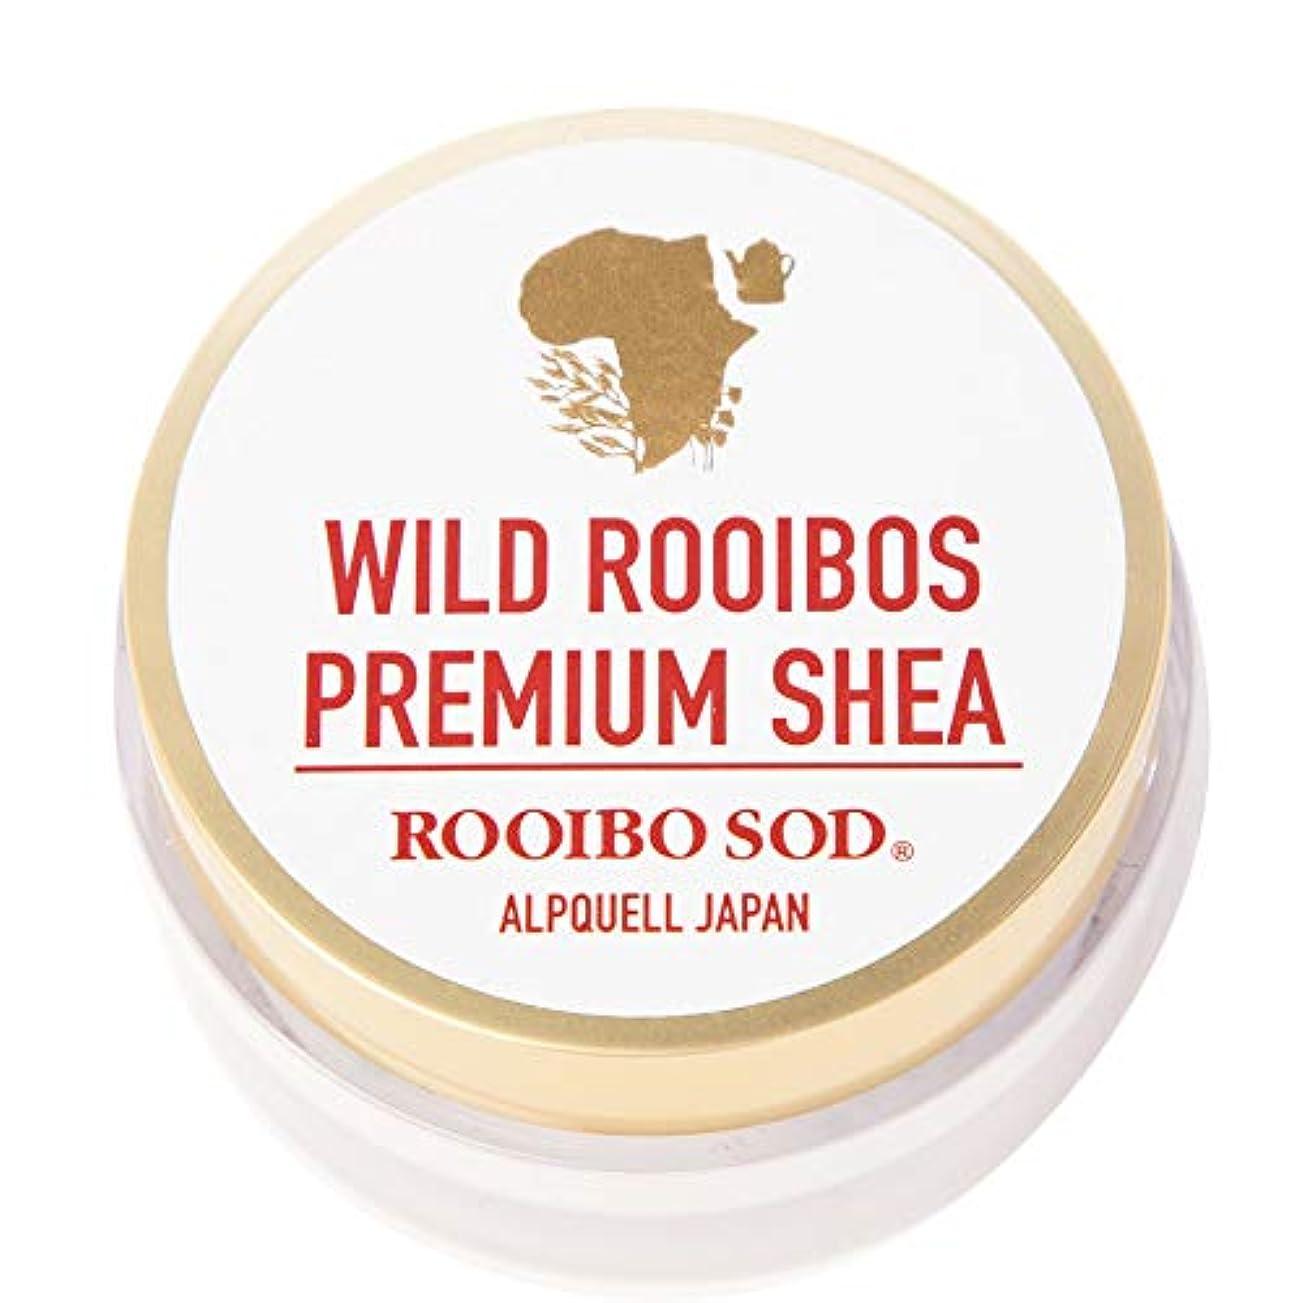 質量デジタル筋肉のROOIBO SOD ルイボソード プレミアムシアクリーム シア脂 ルイボスエキス配合 無添加、天然成分100%